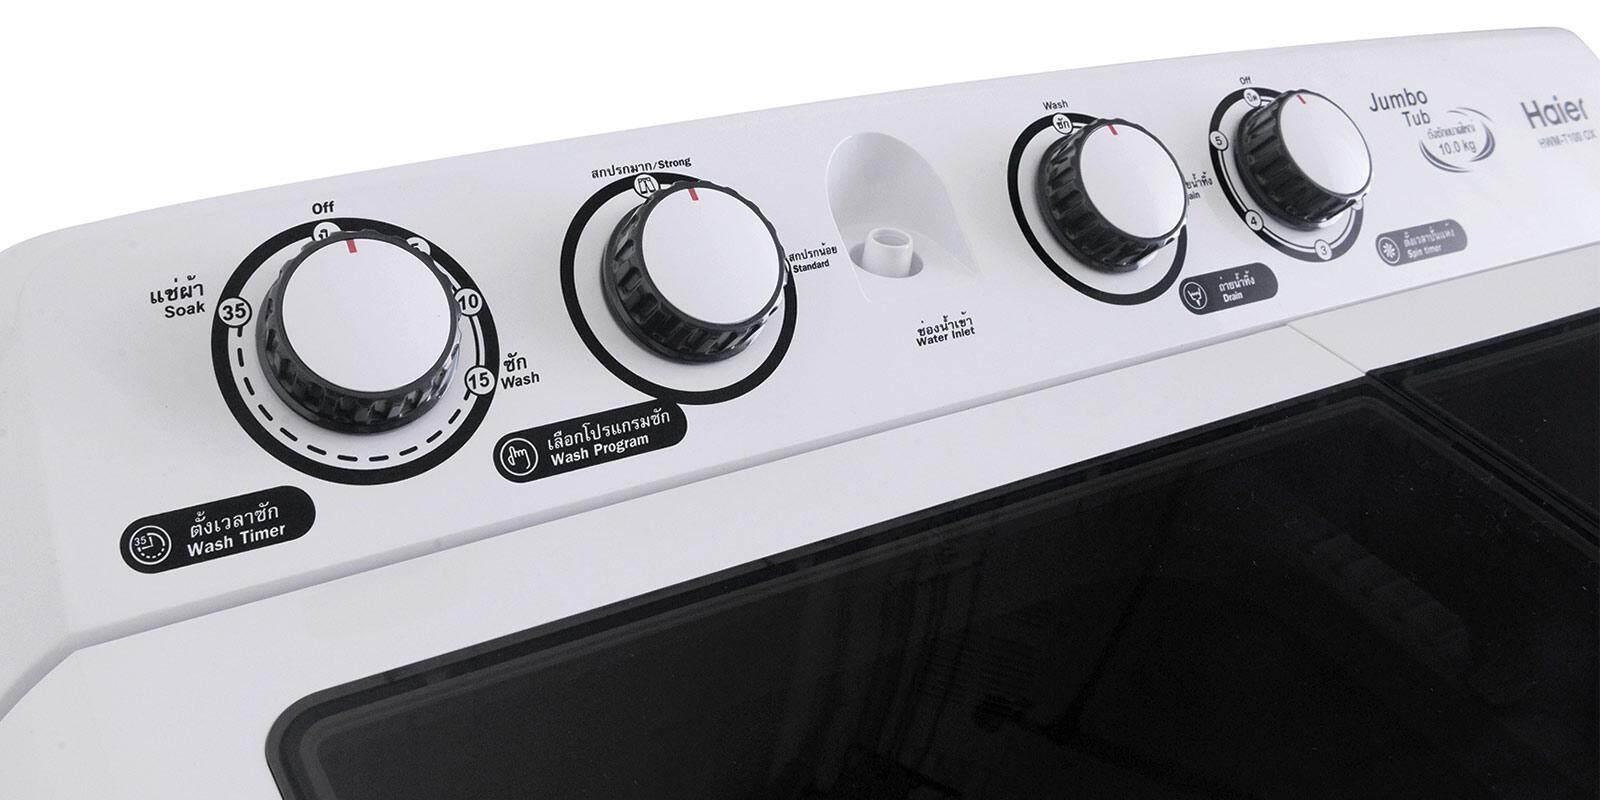 ของแท้และส่งฟรี เครื่องซักผ้า Konion Sale -32% ๑๓.Konion เครื่องซักผ้า Mini ฝาบน รุ่น XPA75-11P - Purple ร้านค้าเชื่อถือได้